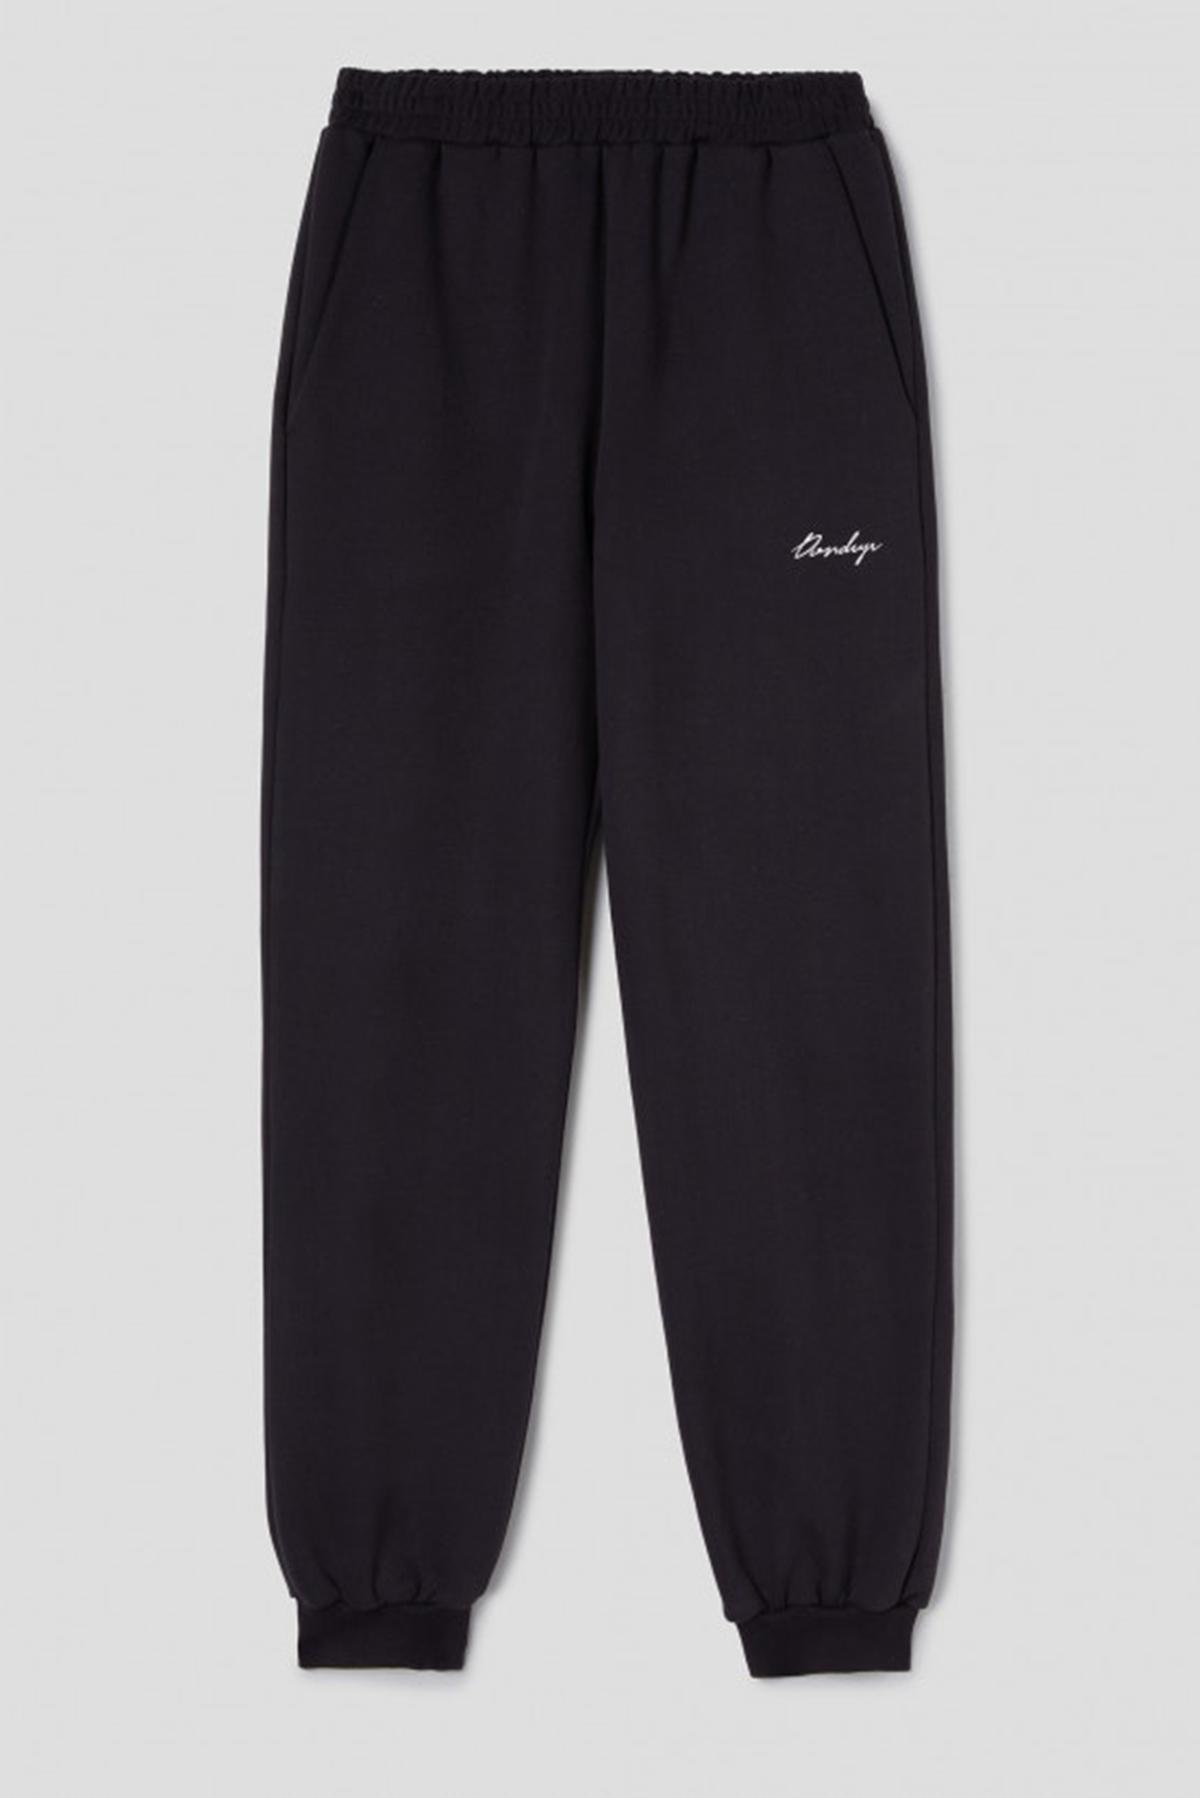 Dondup Pantalone Jogger In felpa DONDUP | 9 | F234KF0206D999